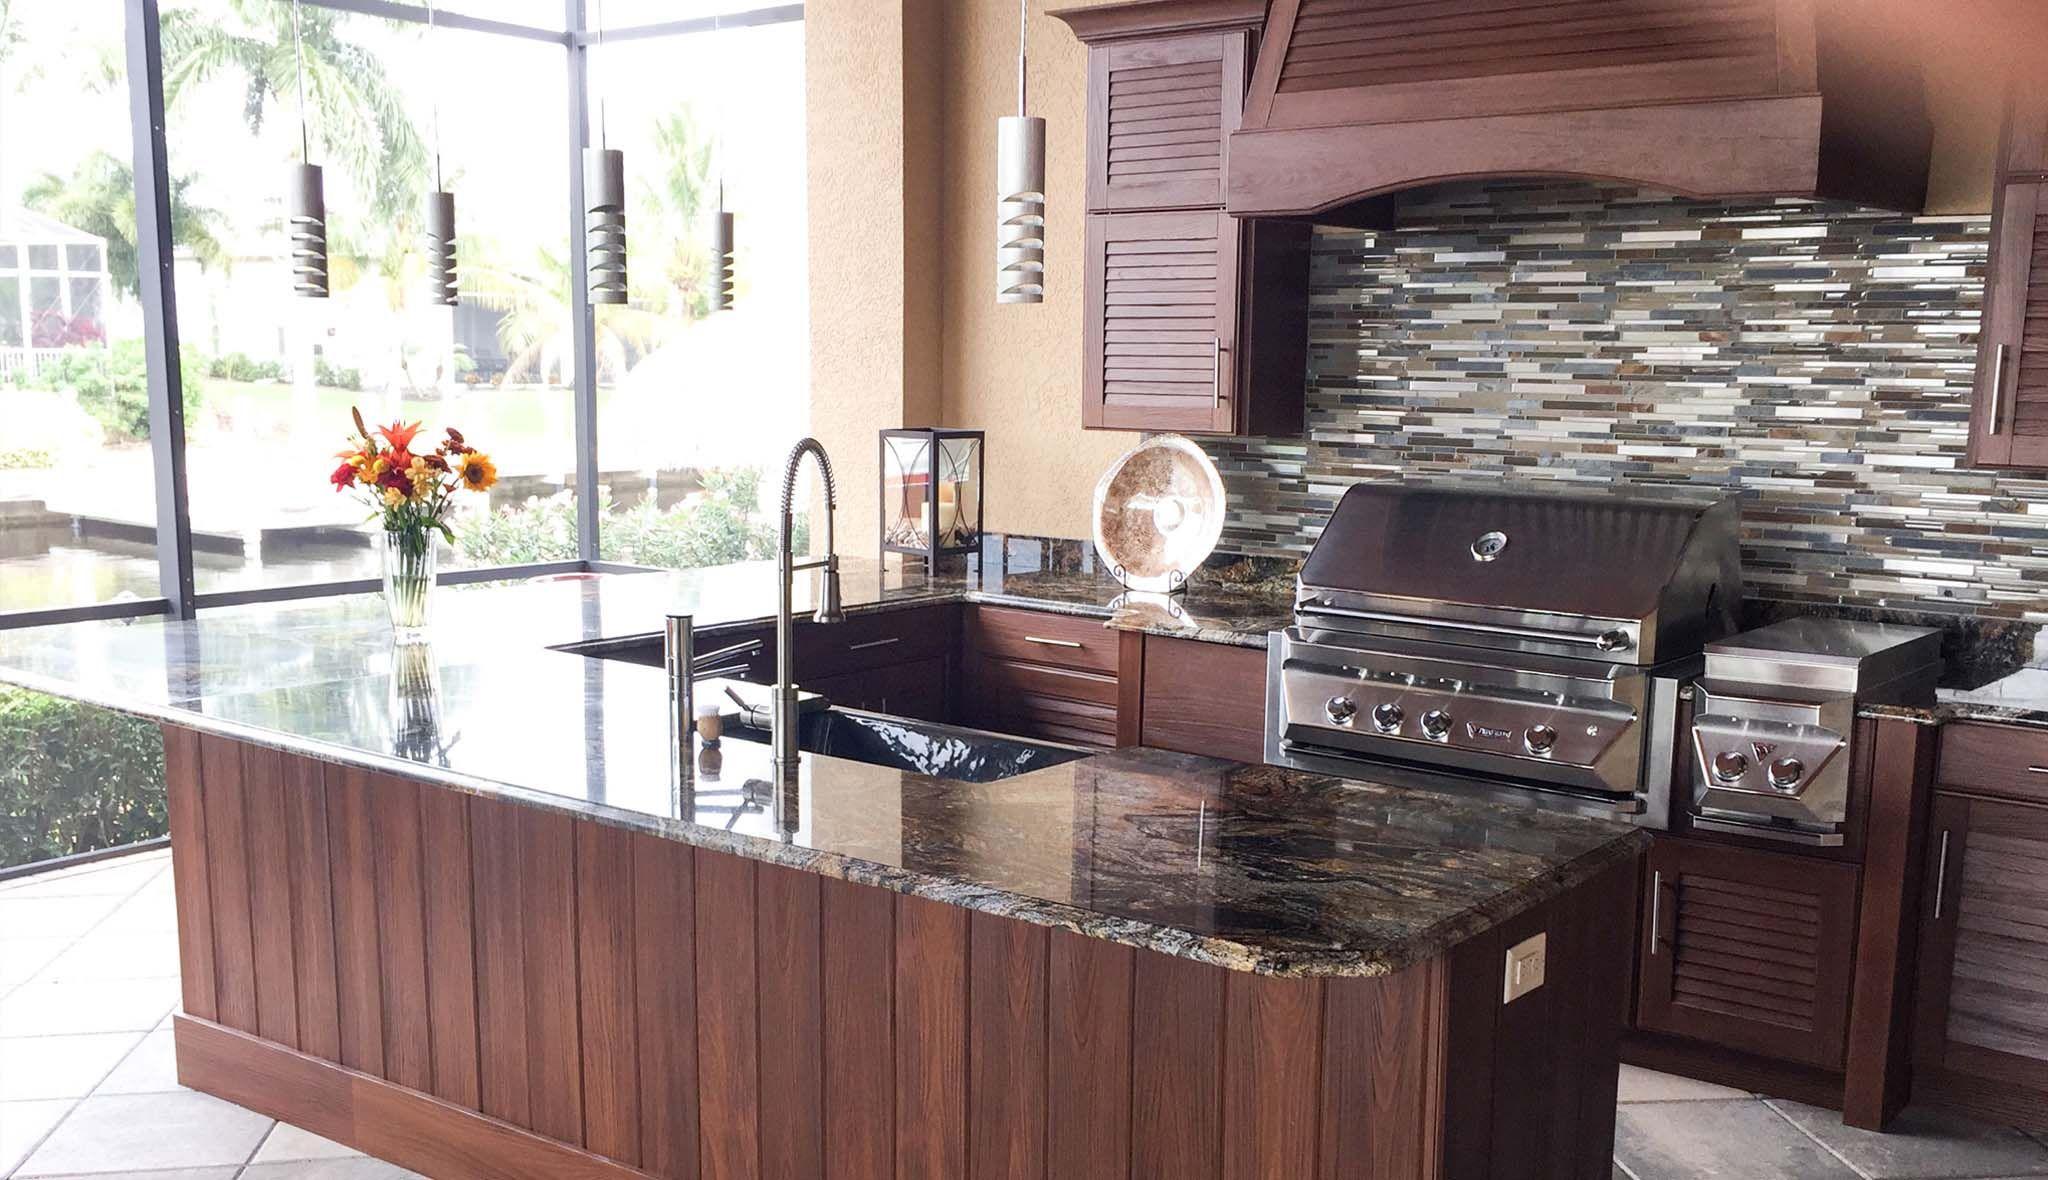 Sunroom Outdoor Kitchen Design Idea Outdoor Kitchen Cabinets Outdoor Kitchen Design Outdoor Kitchen